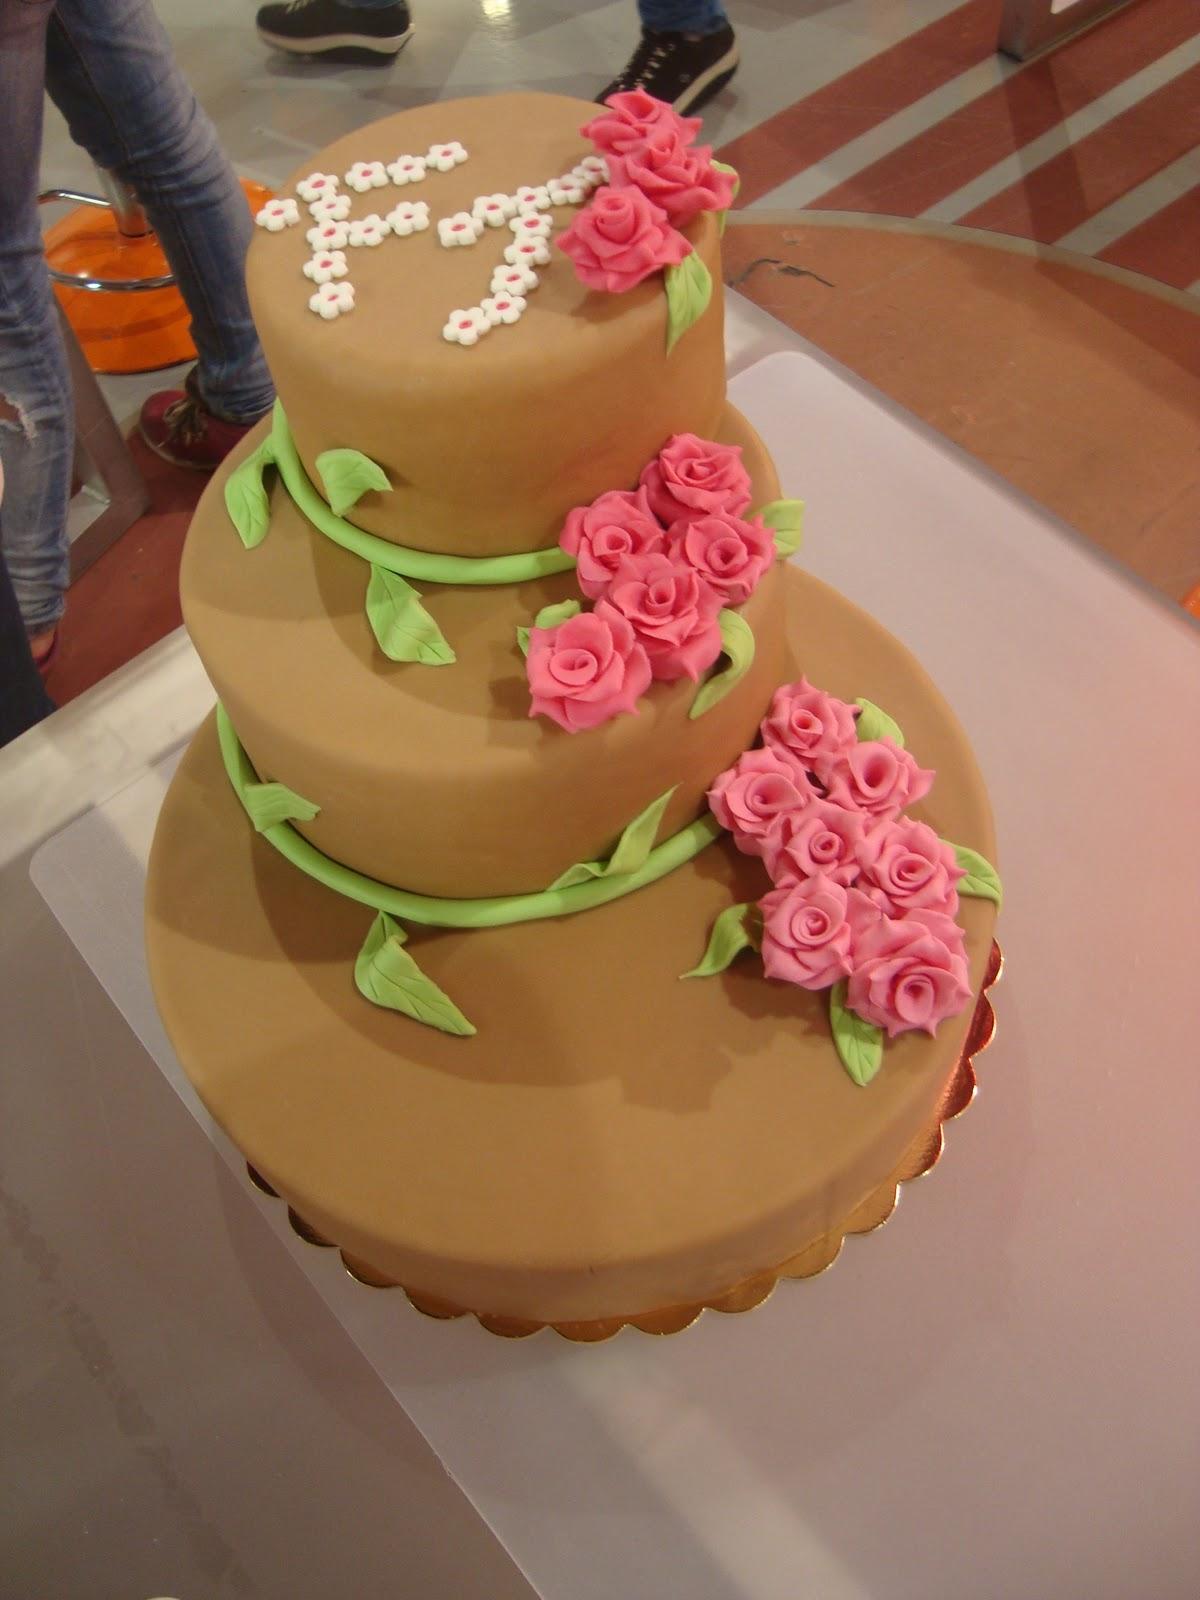 Emprego Cake Design Lisboa : Sonhos Feitos a Mao - Cake Design: Concurso